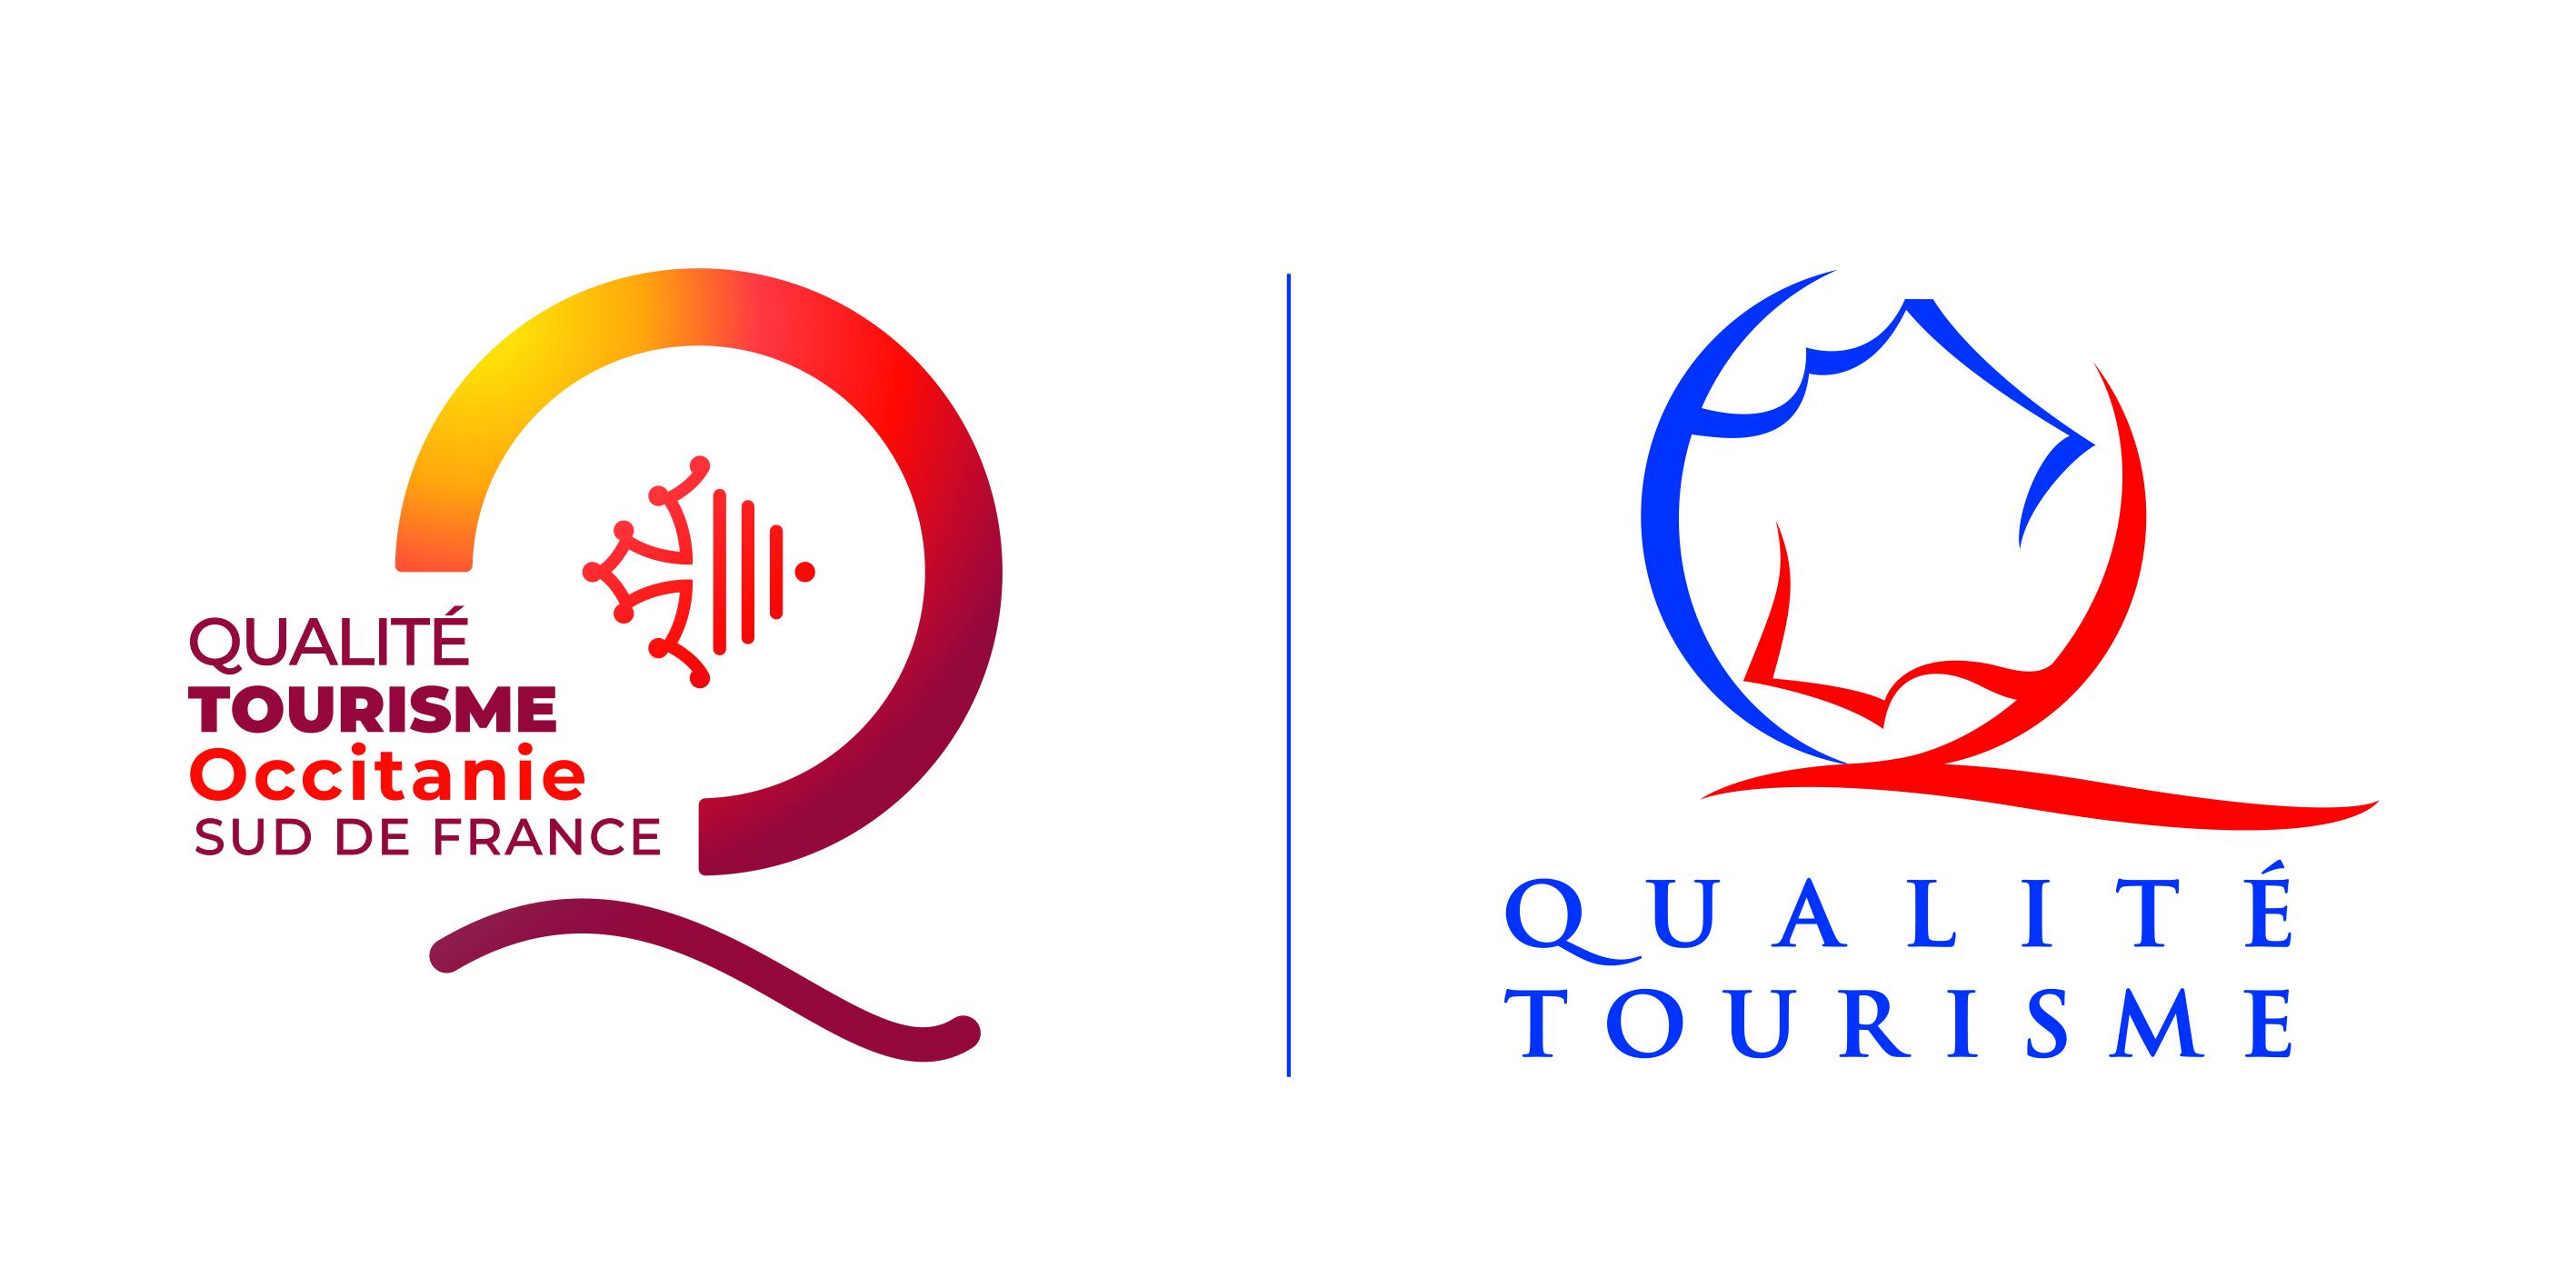 OCQualiteTourisme+Qualitetourisme